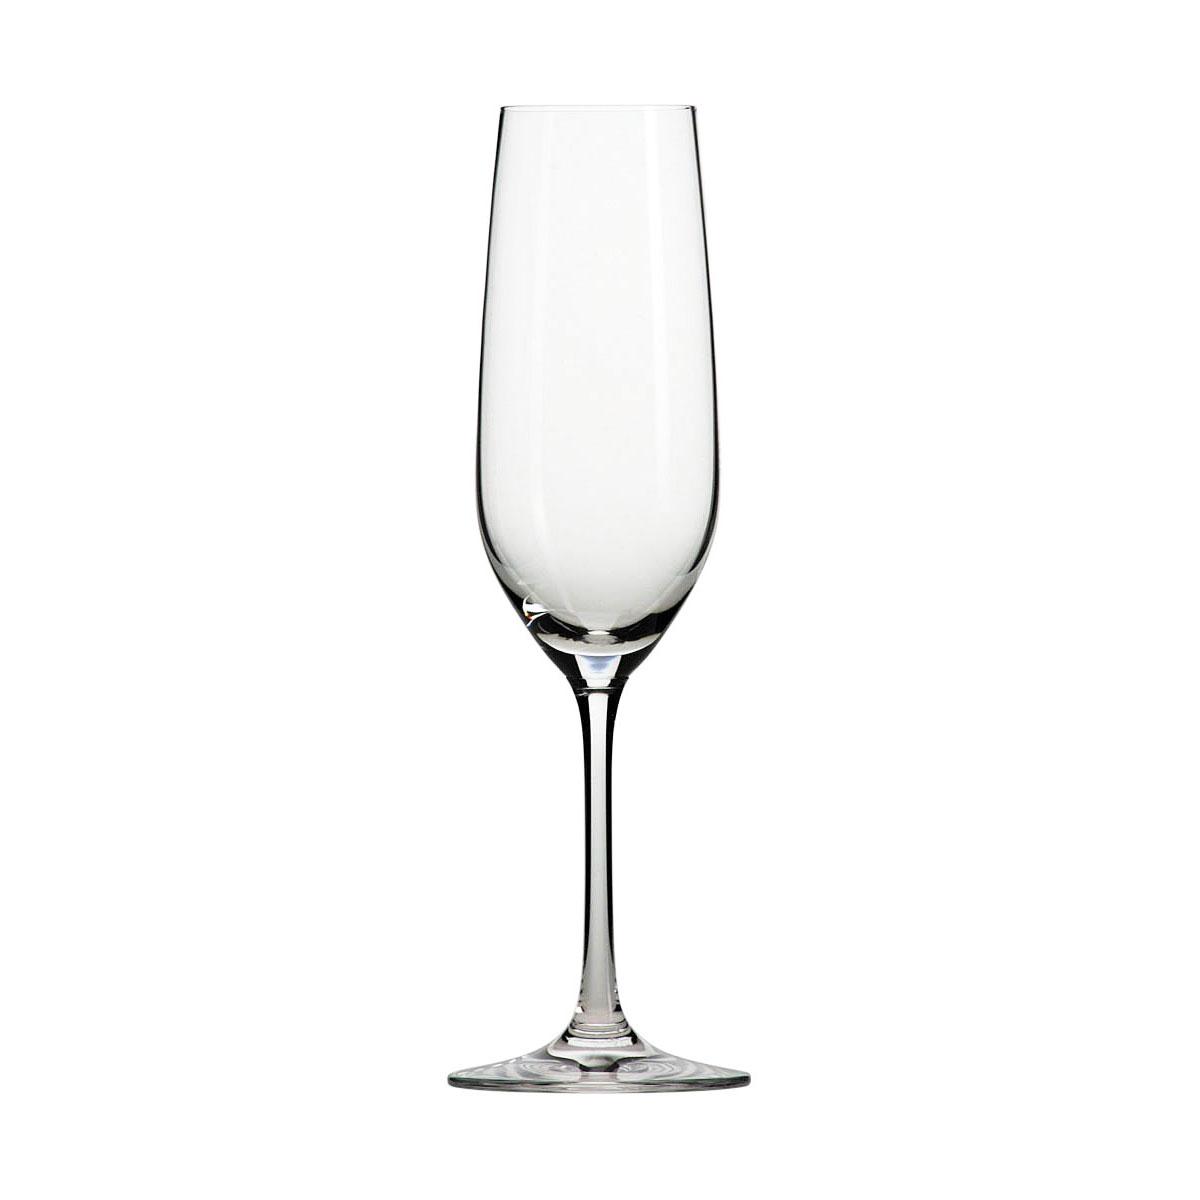 Schott Zwiesel Tritan Crystal, Forte Champagne Crystal Flute, Single